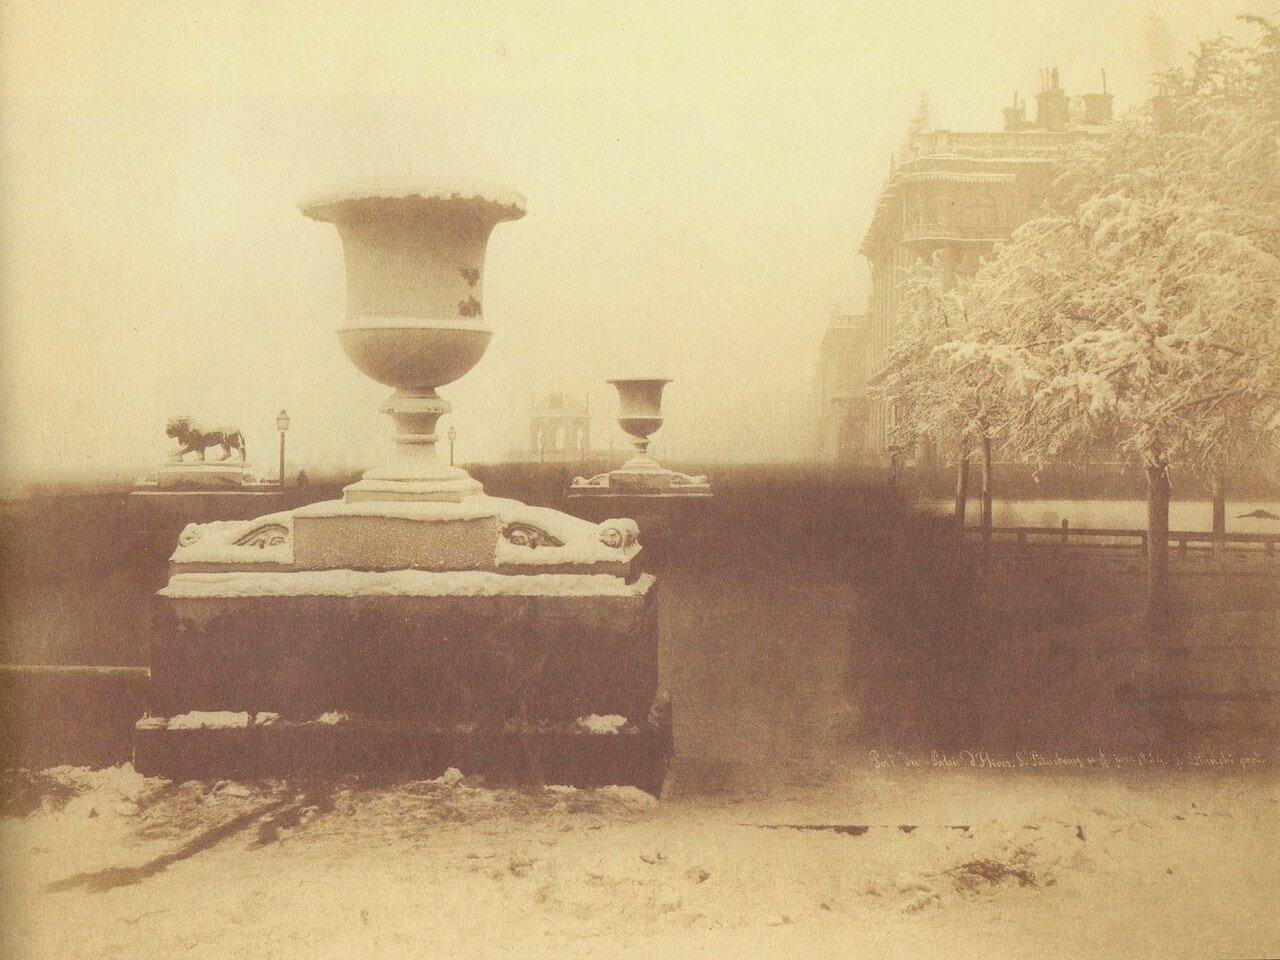 Дворцовая пристань со львами у восточного павильона Адмиралтейства. 1854